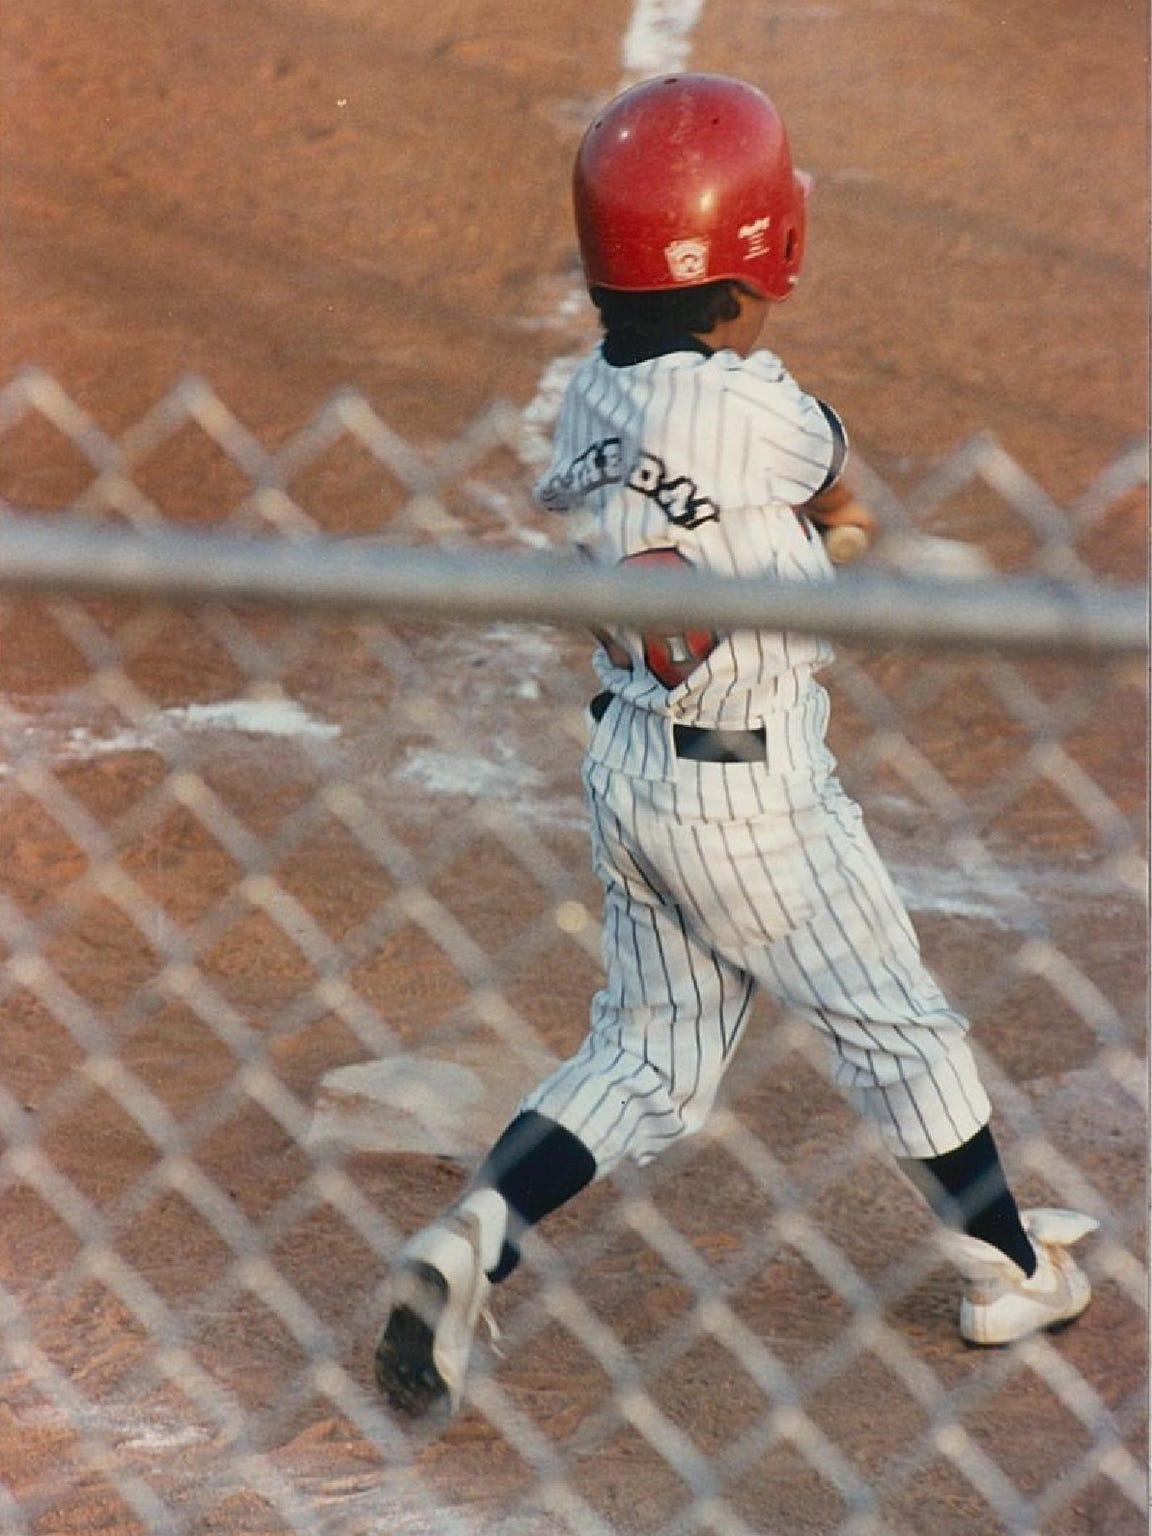 A seven-year-old Tony Jaramillo takes an at-bat in